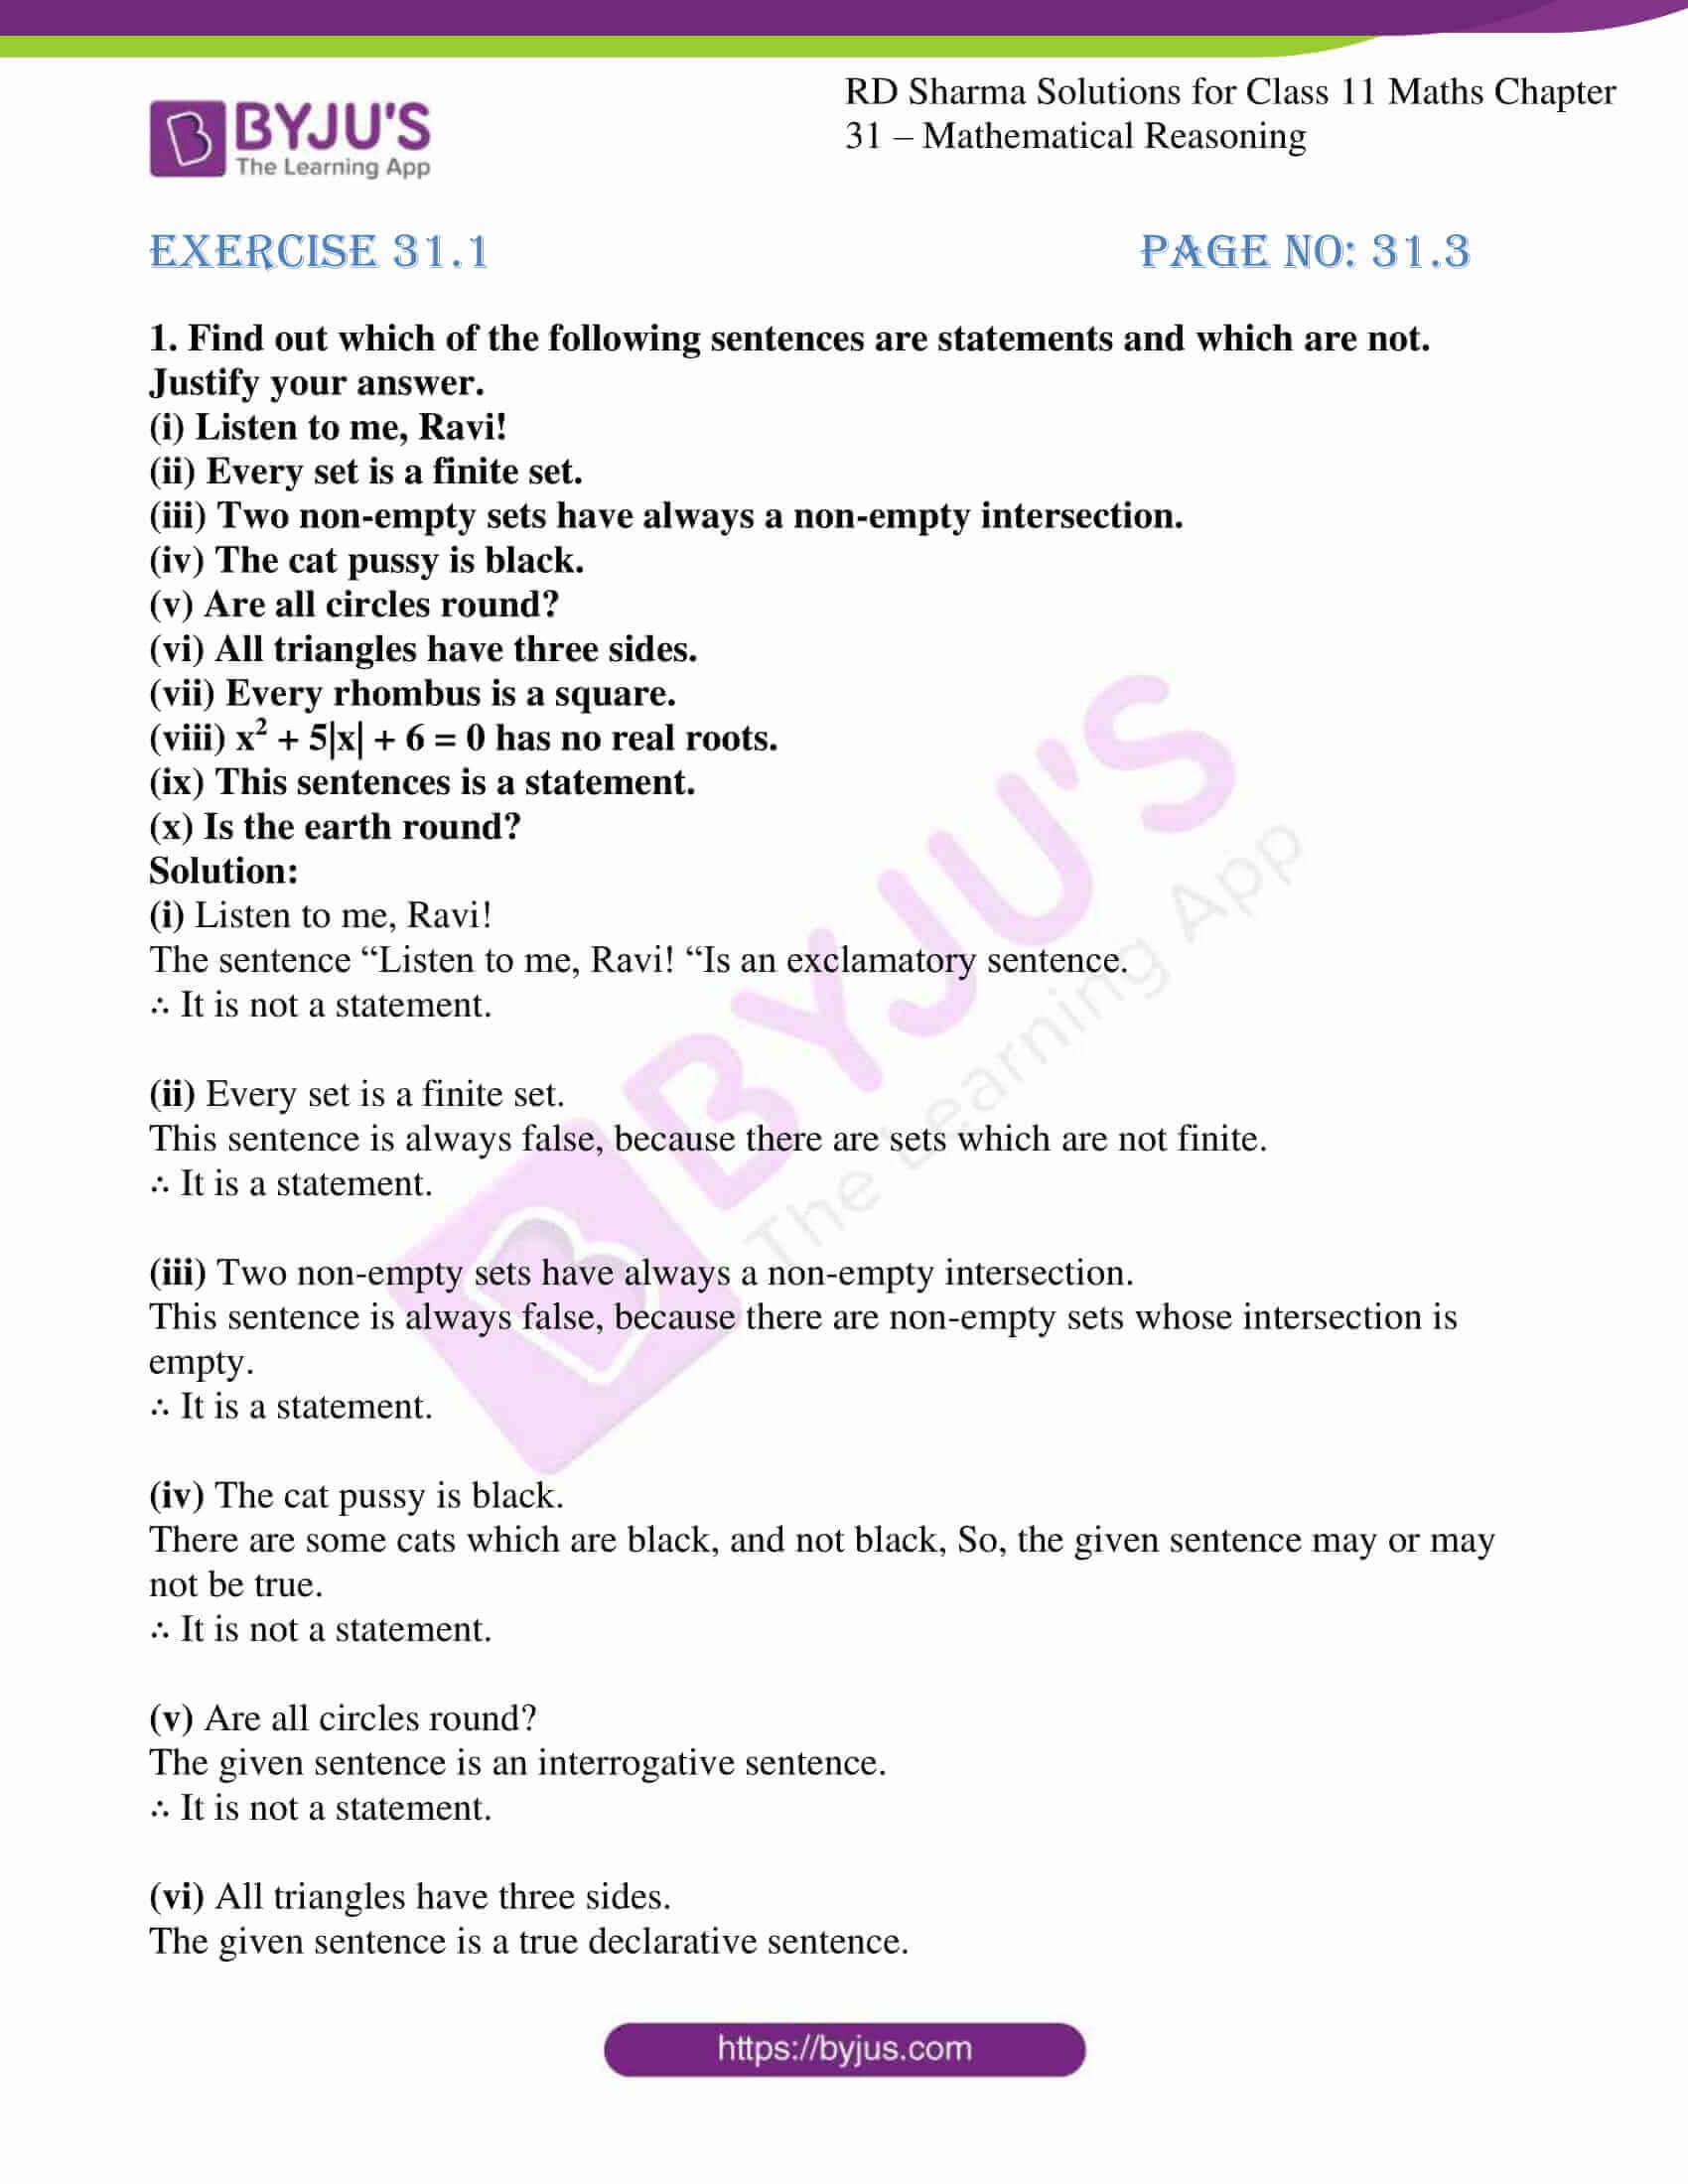 rd sharma class 11 maths chapter 31 ex 1 1